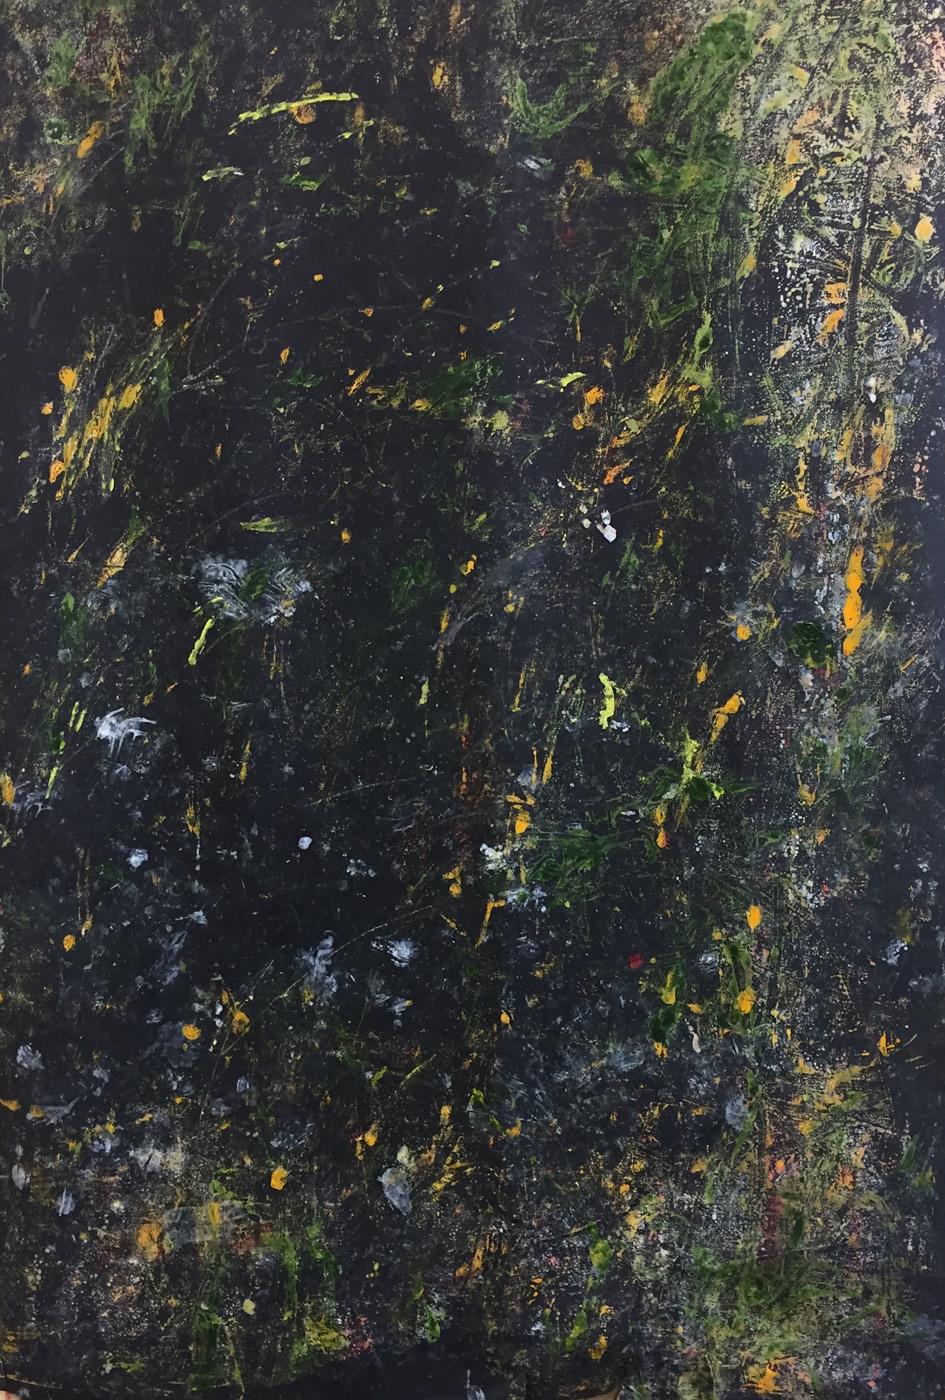 MARC FELD 2020 POSSIBILITIES 3 Huile, acrylique et pigment sur papier 70 x 130 cm